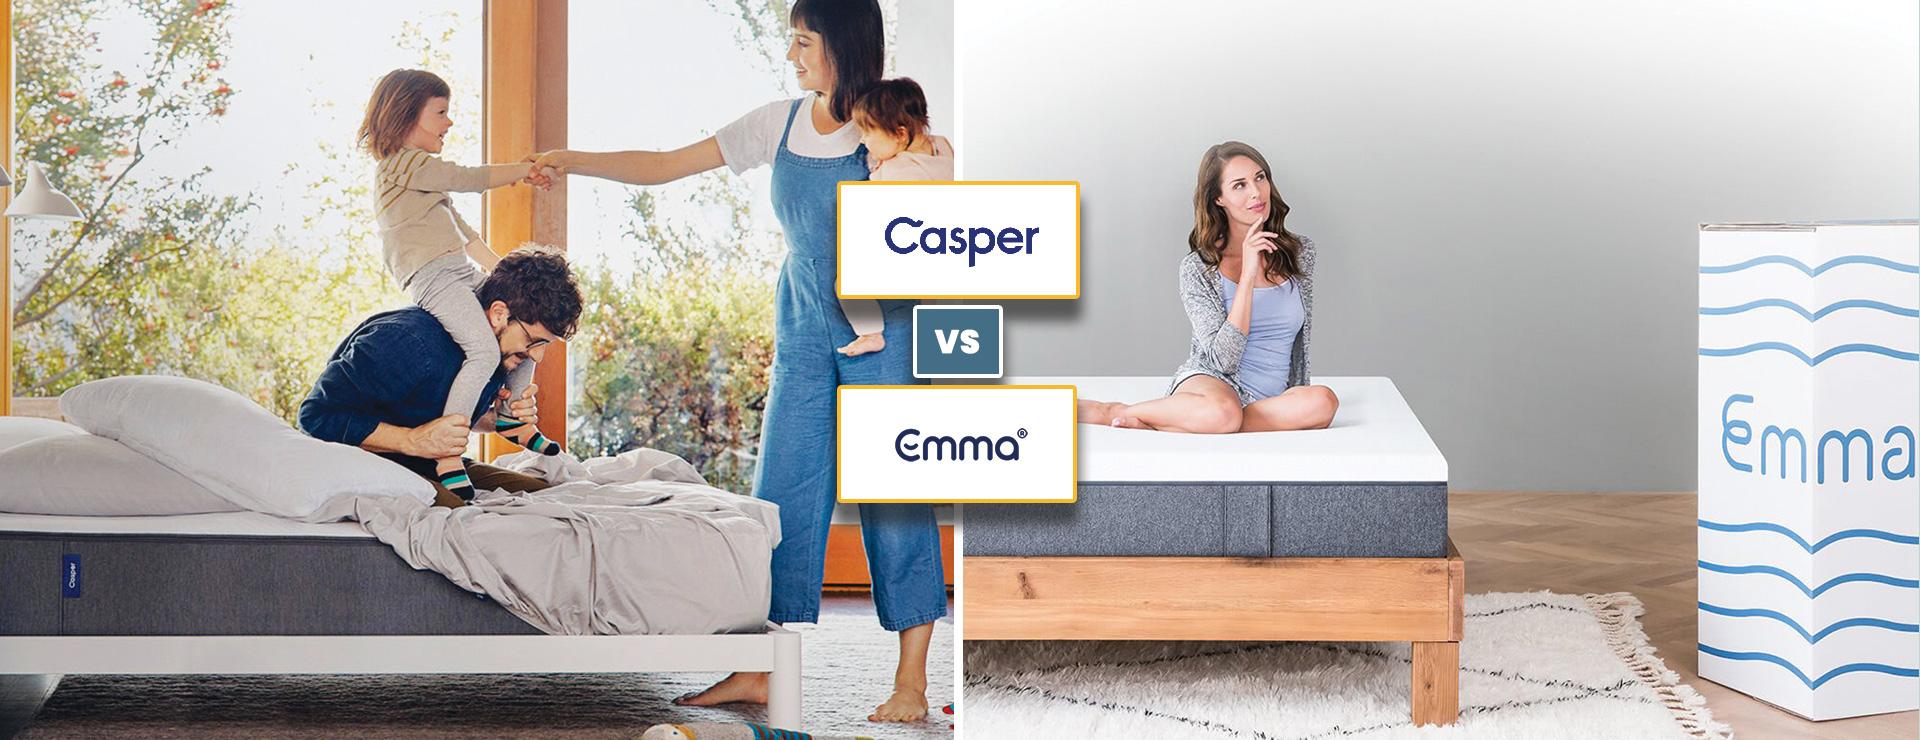 casper-vs-emma-top-bottom-1920x740